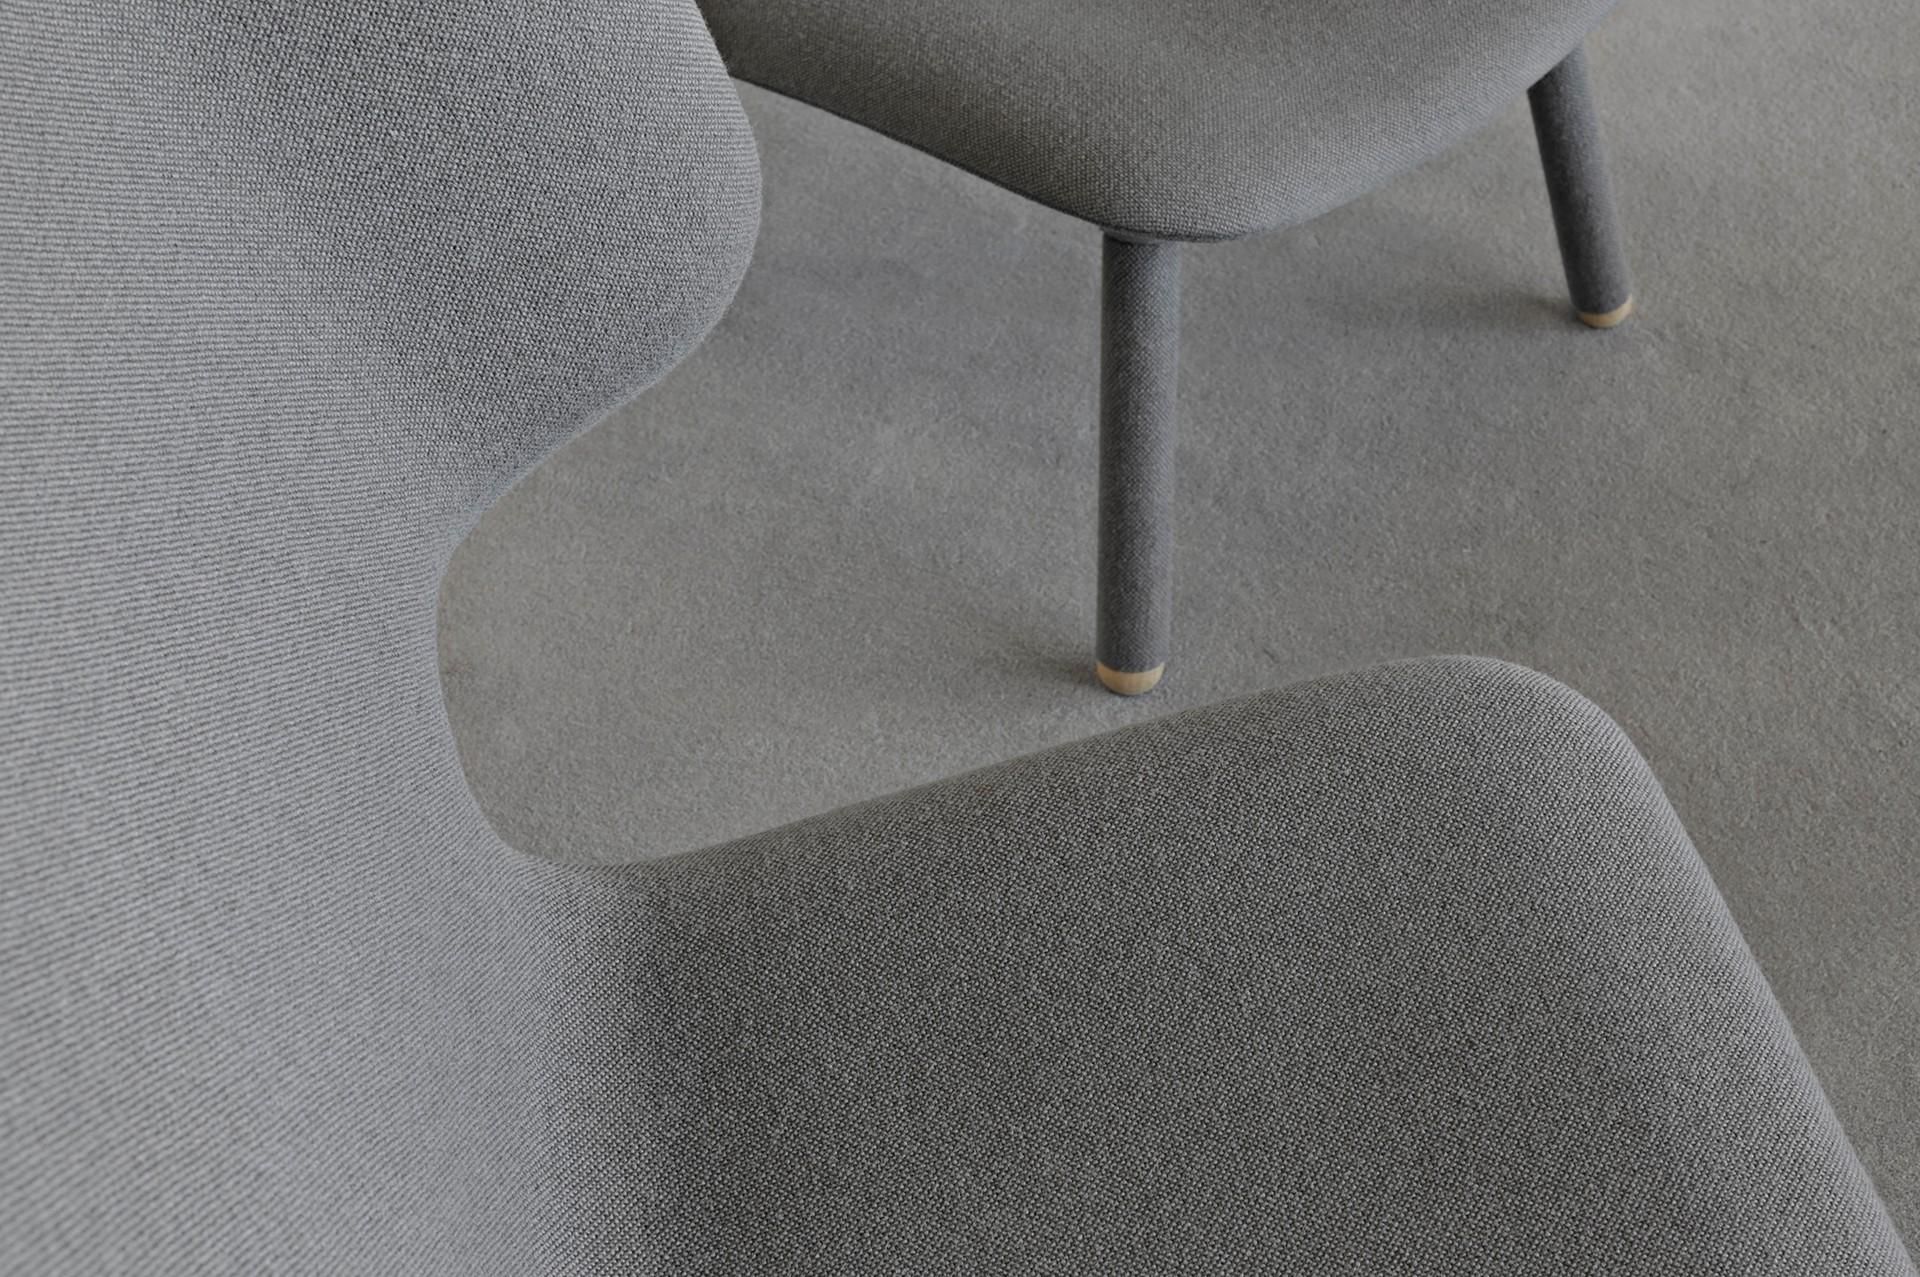 IMPACT - Interior Design